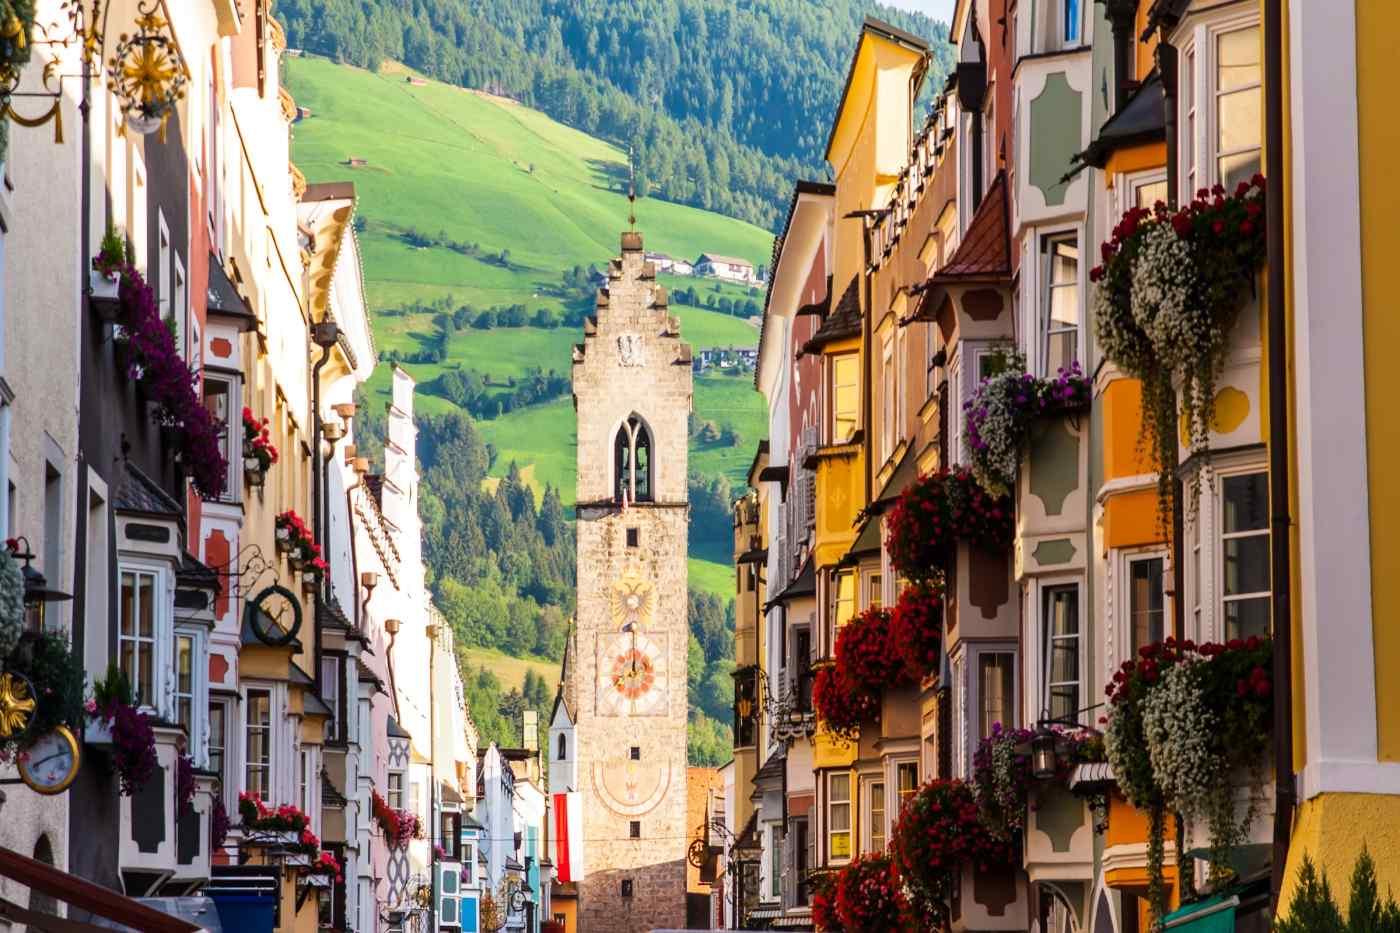 Vitipeno, South Tyrol, Italy